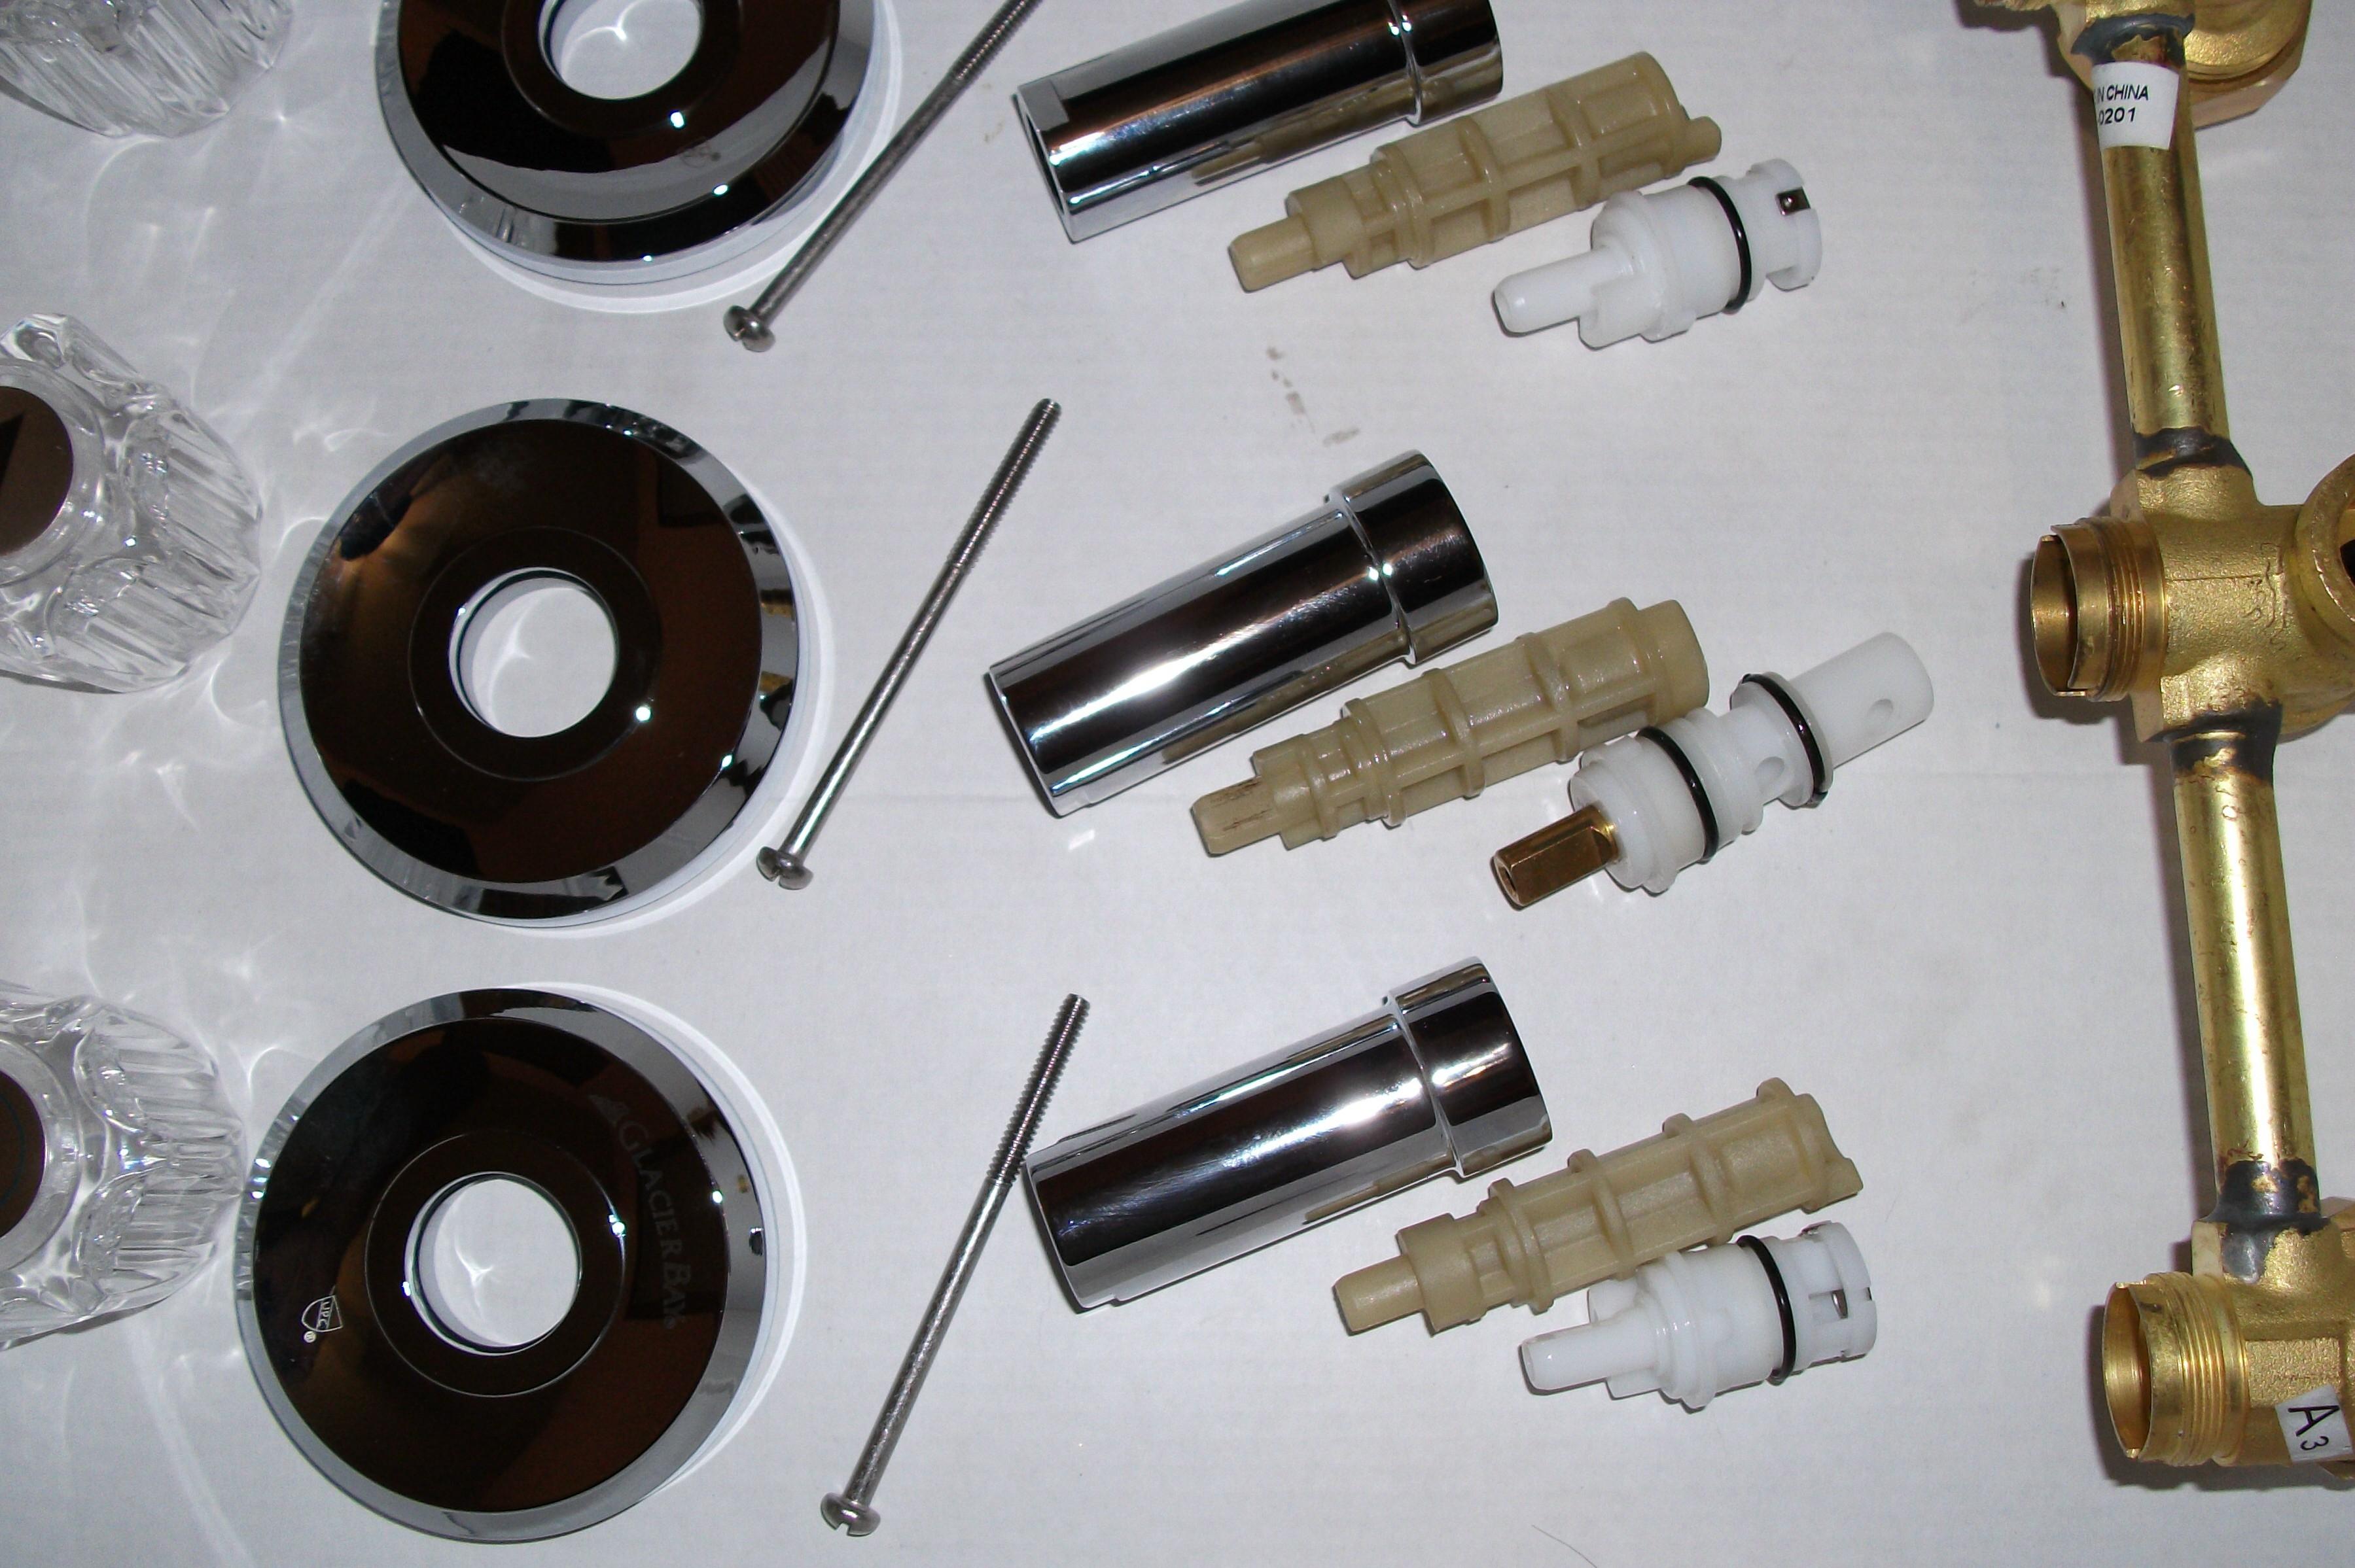 Ideas, moen single handle shower faucet troubleshooting moen single handle shower faucet troubleshooting 37 moen shower valve instructions adler chrome posi temp shower 3599 x 2397  .